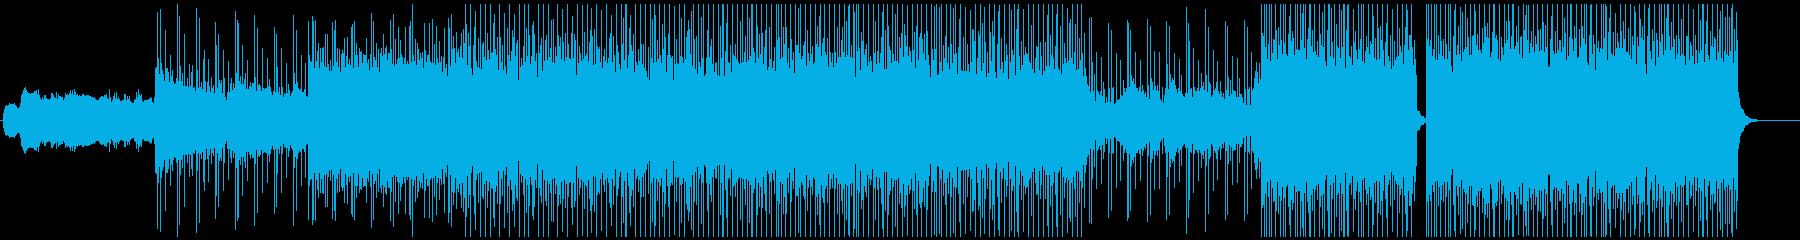 冷静になる。 70年代EPのサイケ...の再生済みの波形